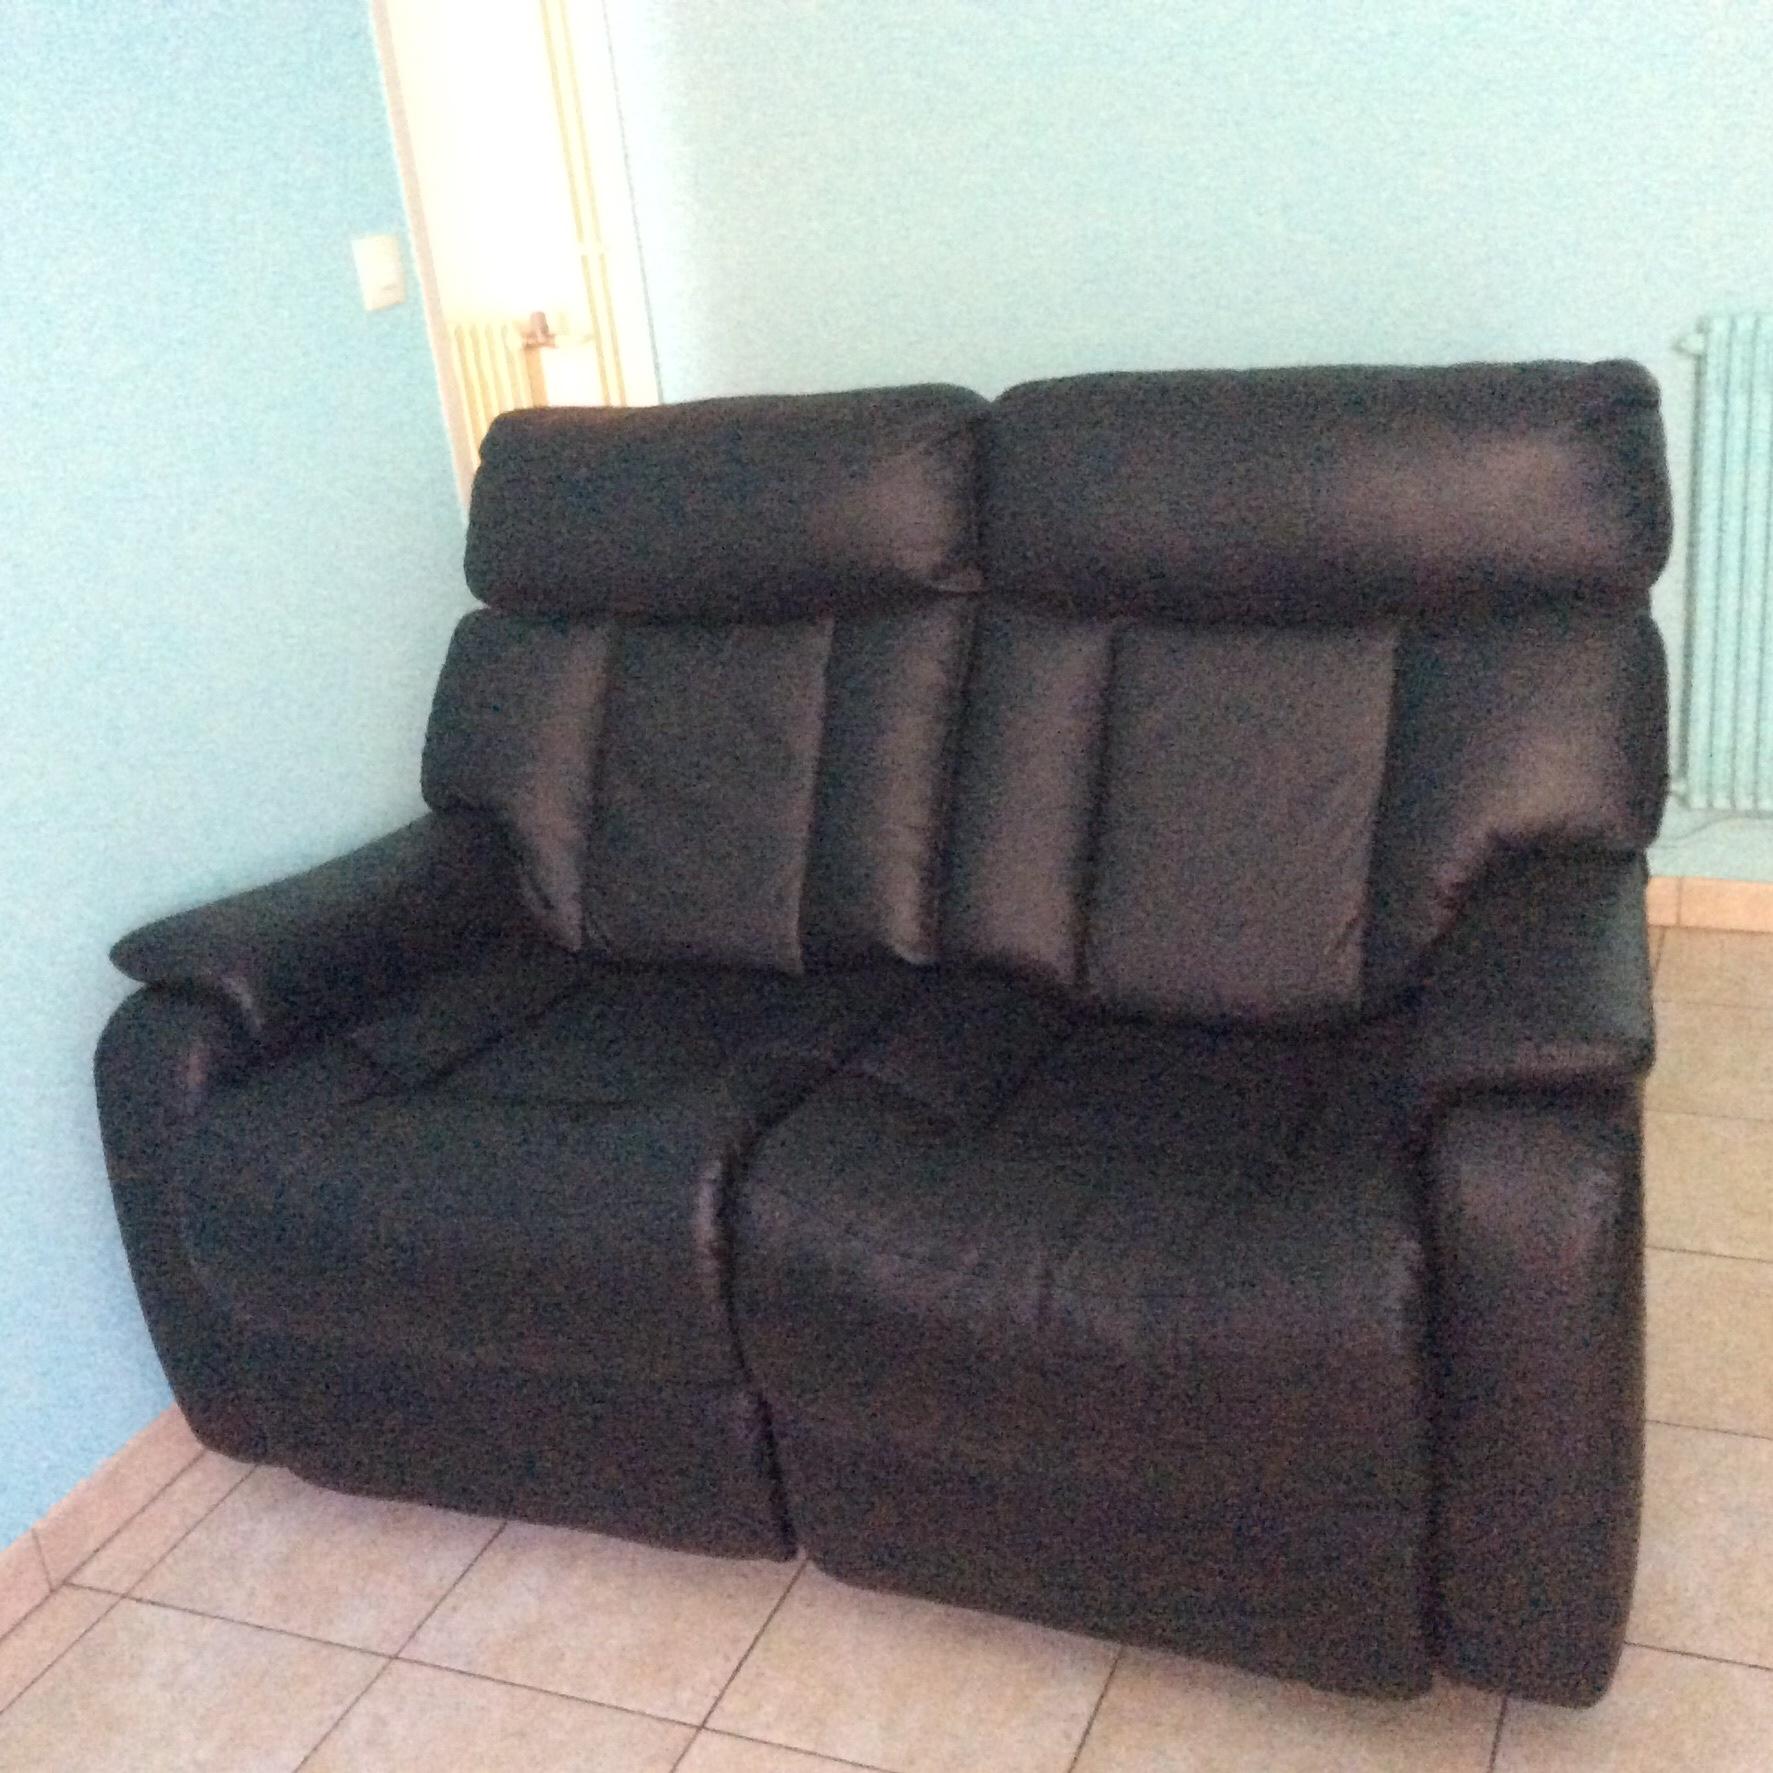 canapé en cuir noir deux places très bon etat systeme mécanique permettant d?allonger les jambes .Tres confortable. 200 Libourne (33)